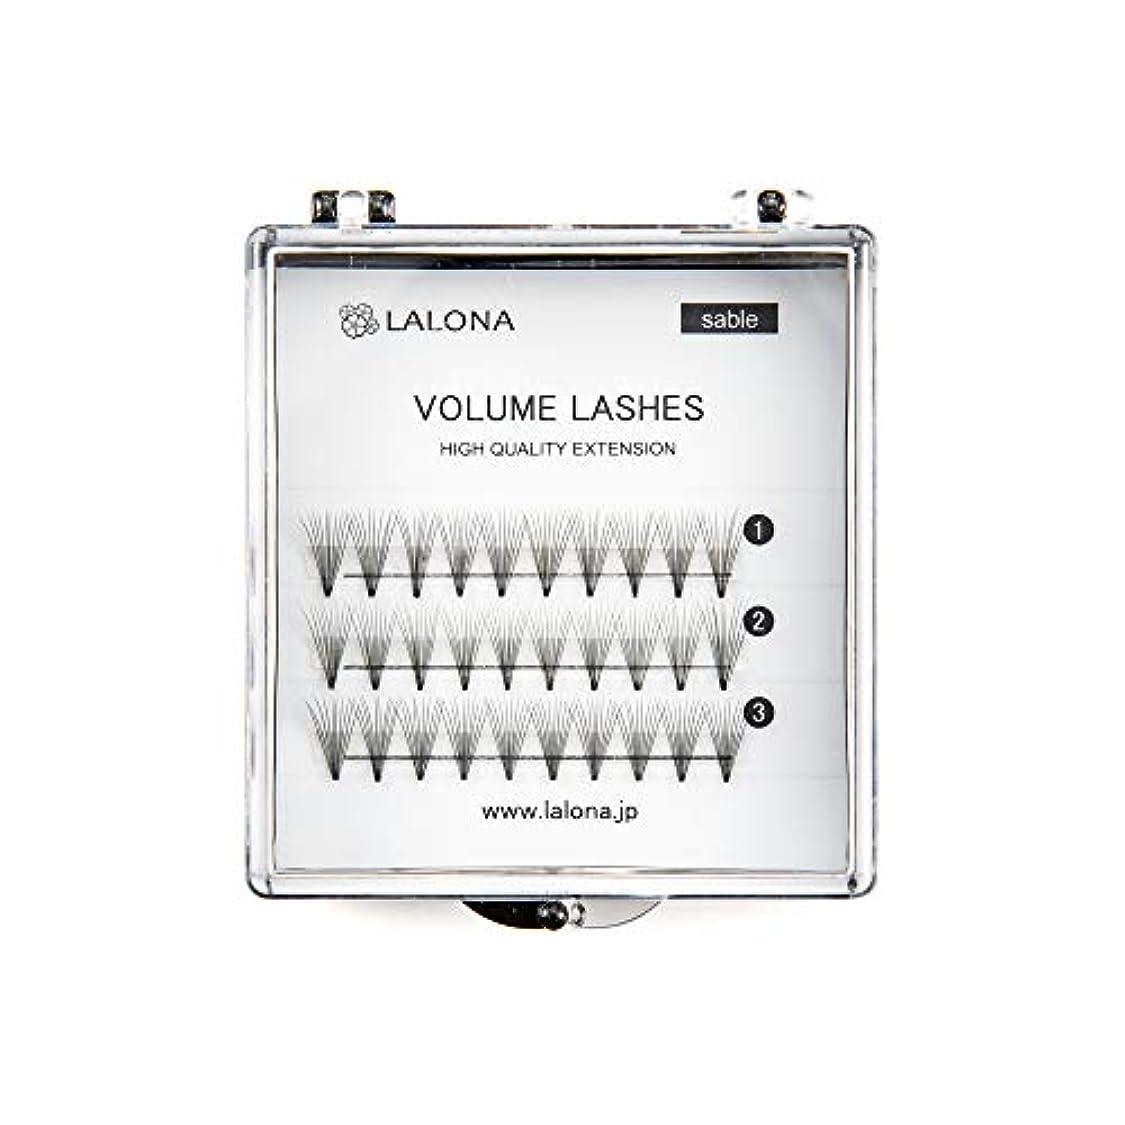 防止ネコペアLALONA [ ラローナ ] ボリュームラッシュ (10D) (30pcs) まつげエクステ 10本束 フレアラッシュ まつエク 束まつげ セーブル (Dカール / 12mm)